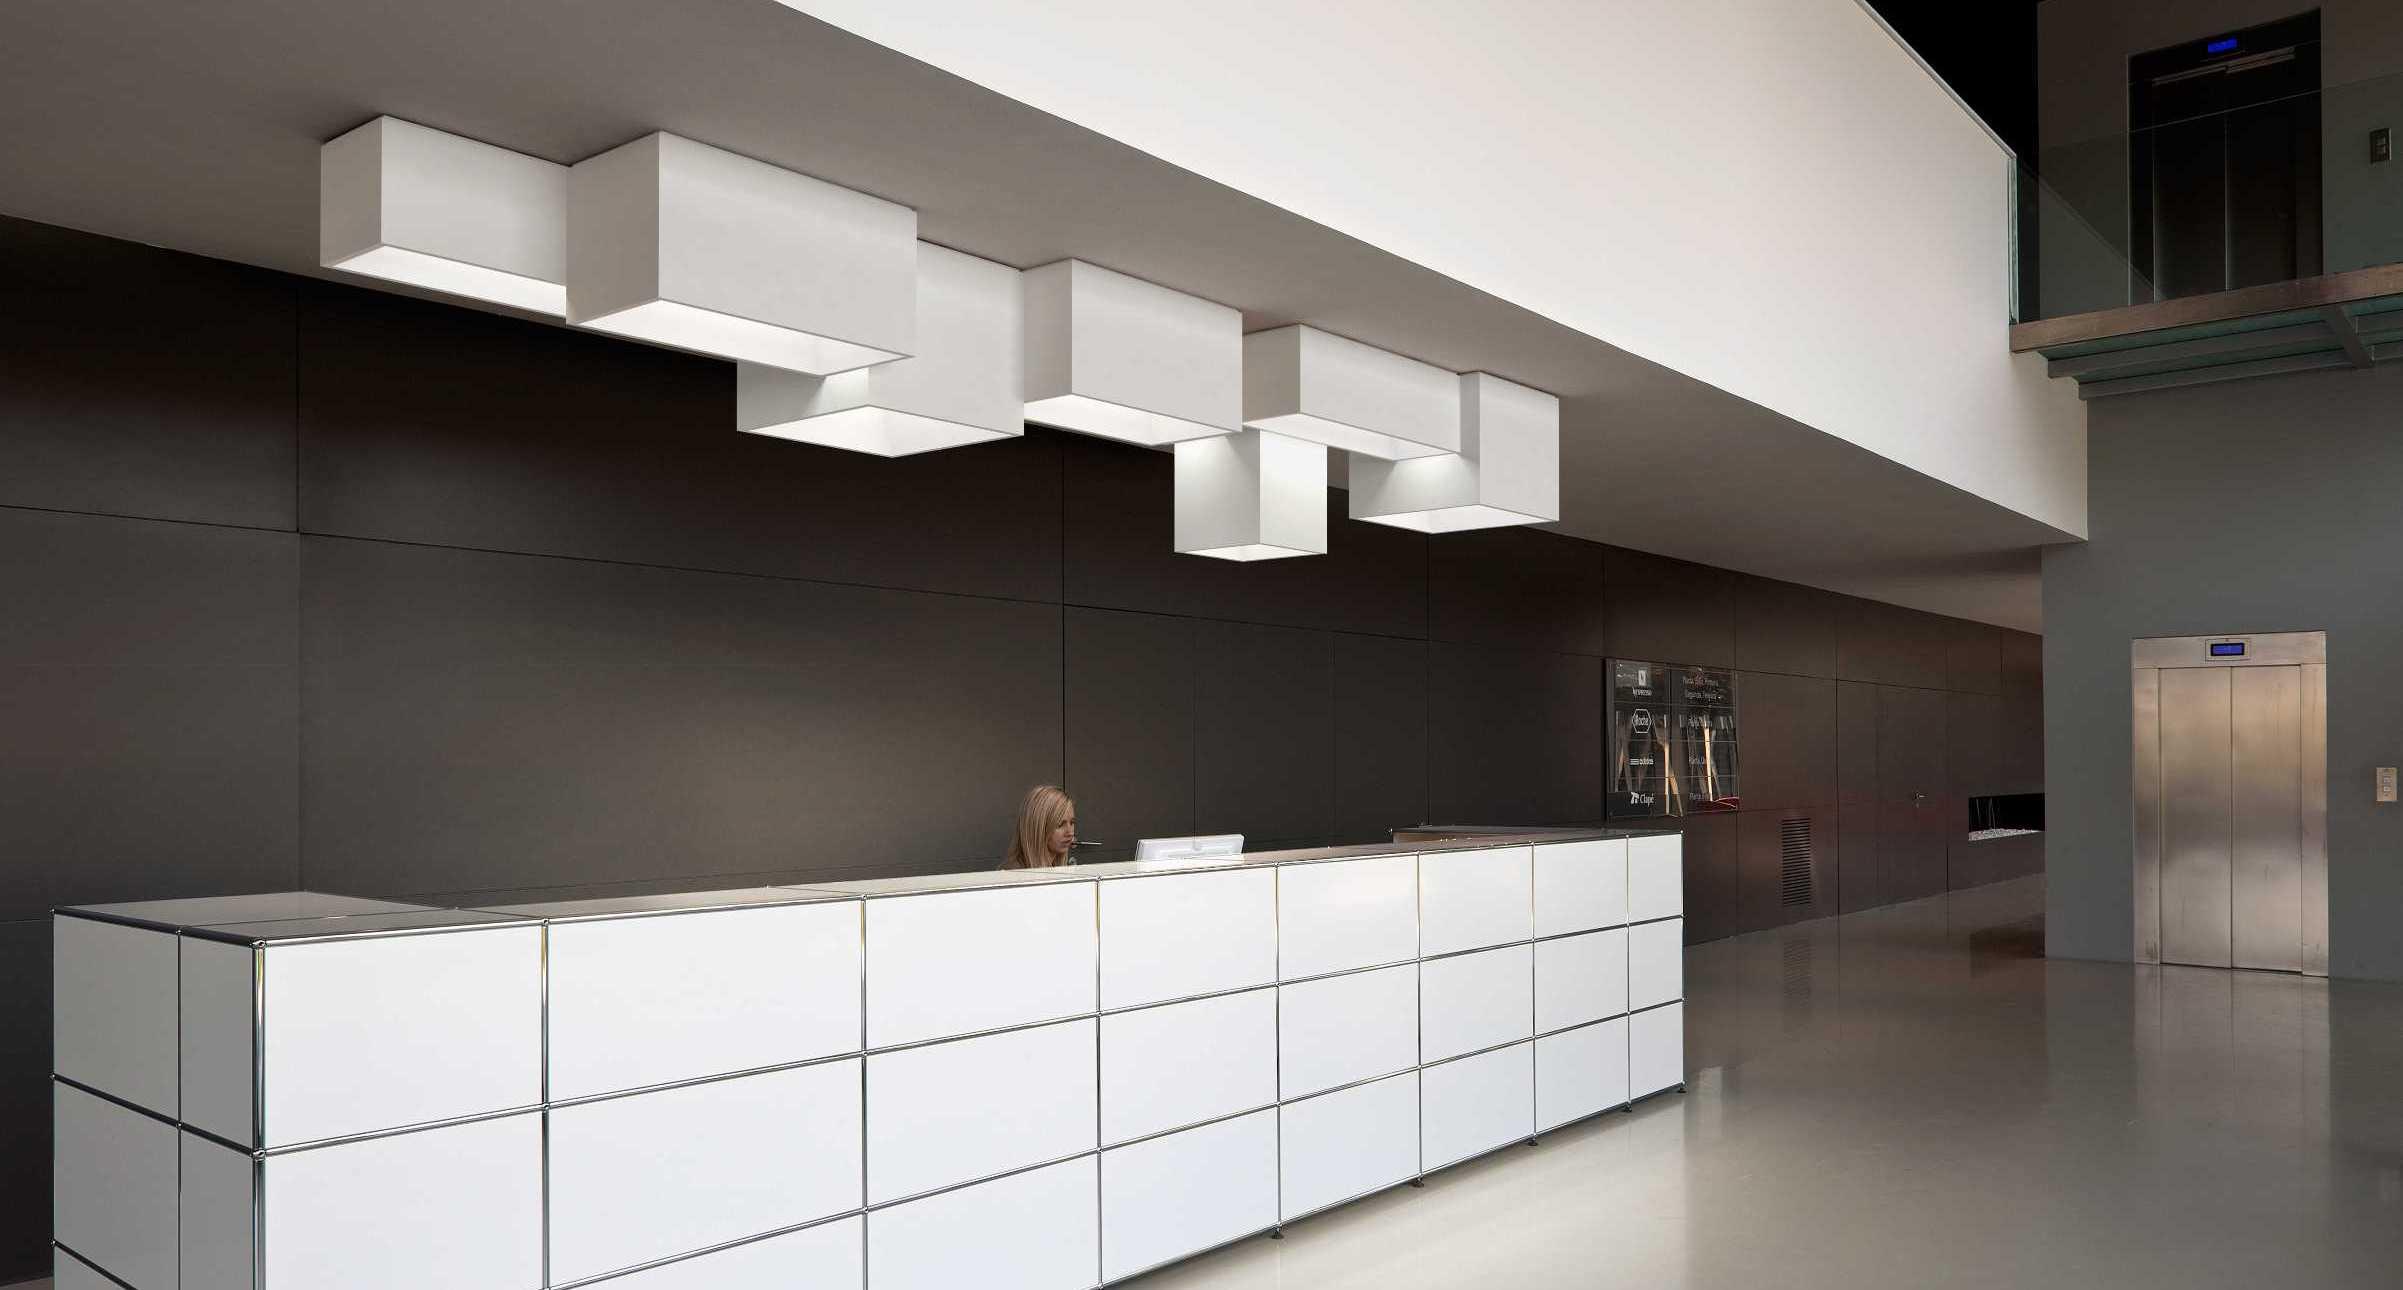 Forum arredamento.it u2022illuminazione cucina